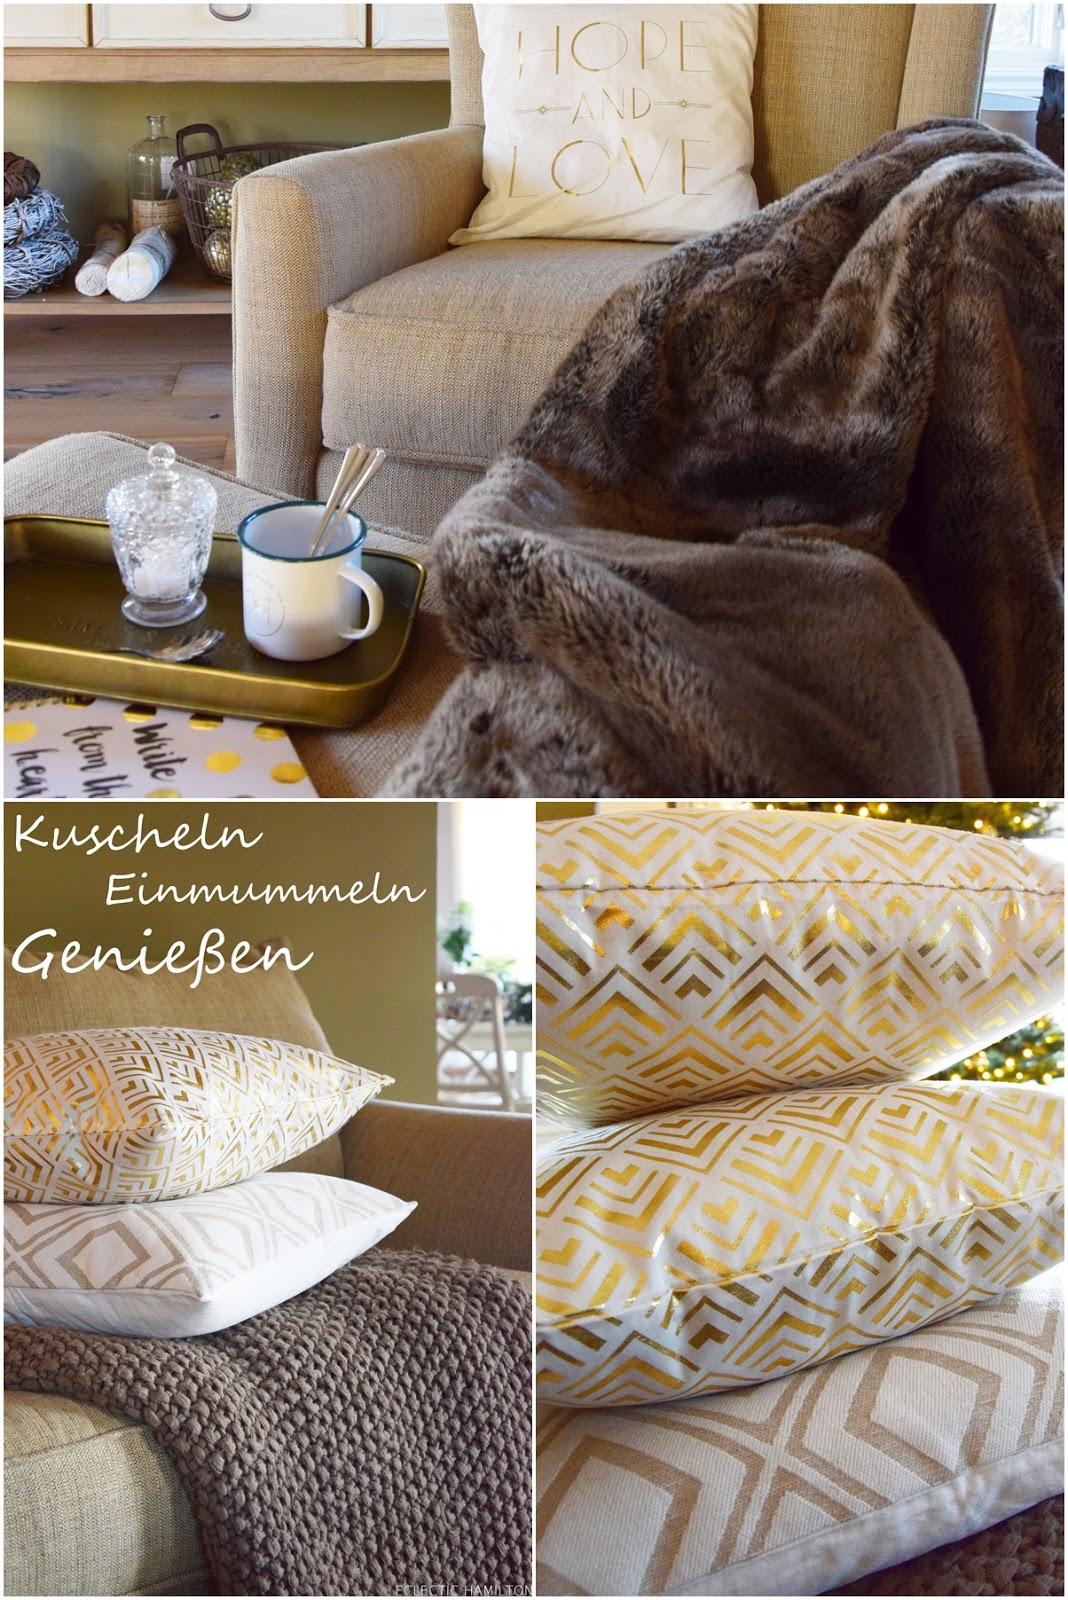 Deko fürs Wohnzimmer: winterlich weihnachtlich und gemütlich schön dank toller Kissen und Decken. Sofa, Dekotipps, Einrichten, Dekoration